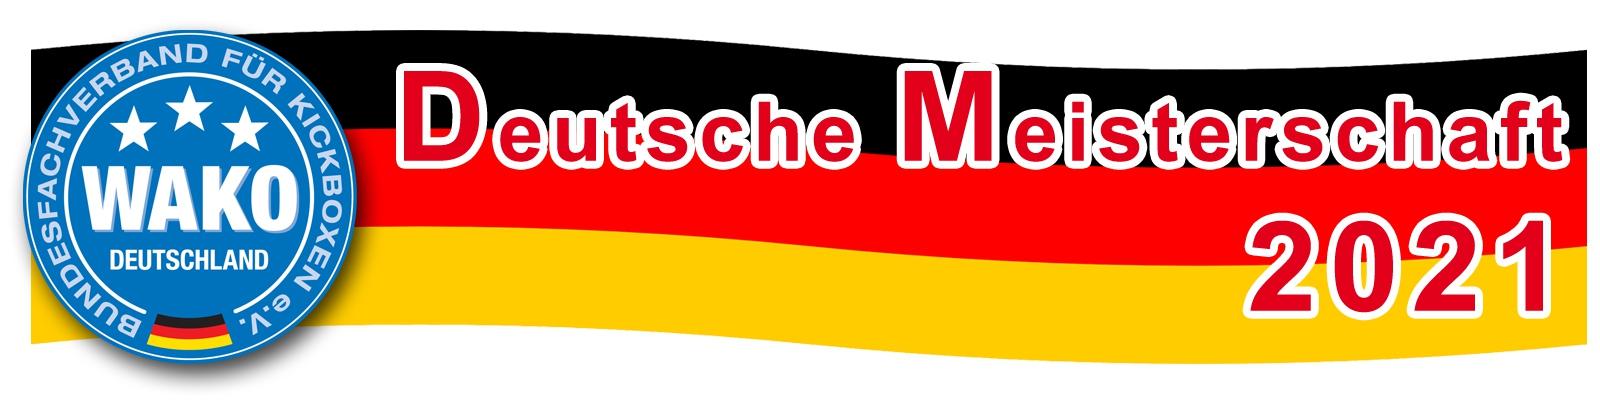 Deutsche Meisterschaft Schießen 2021